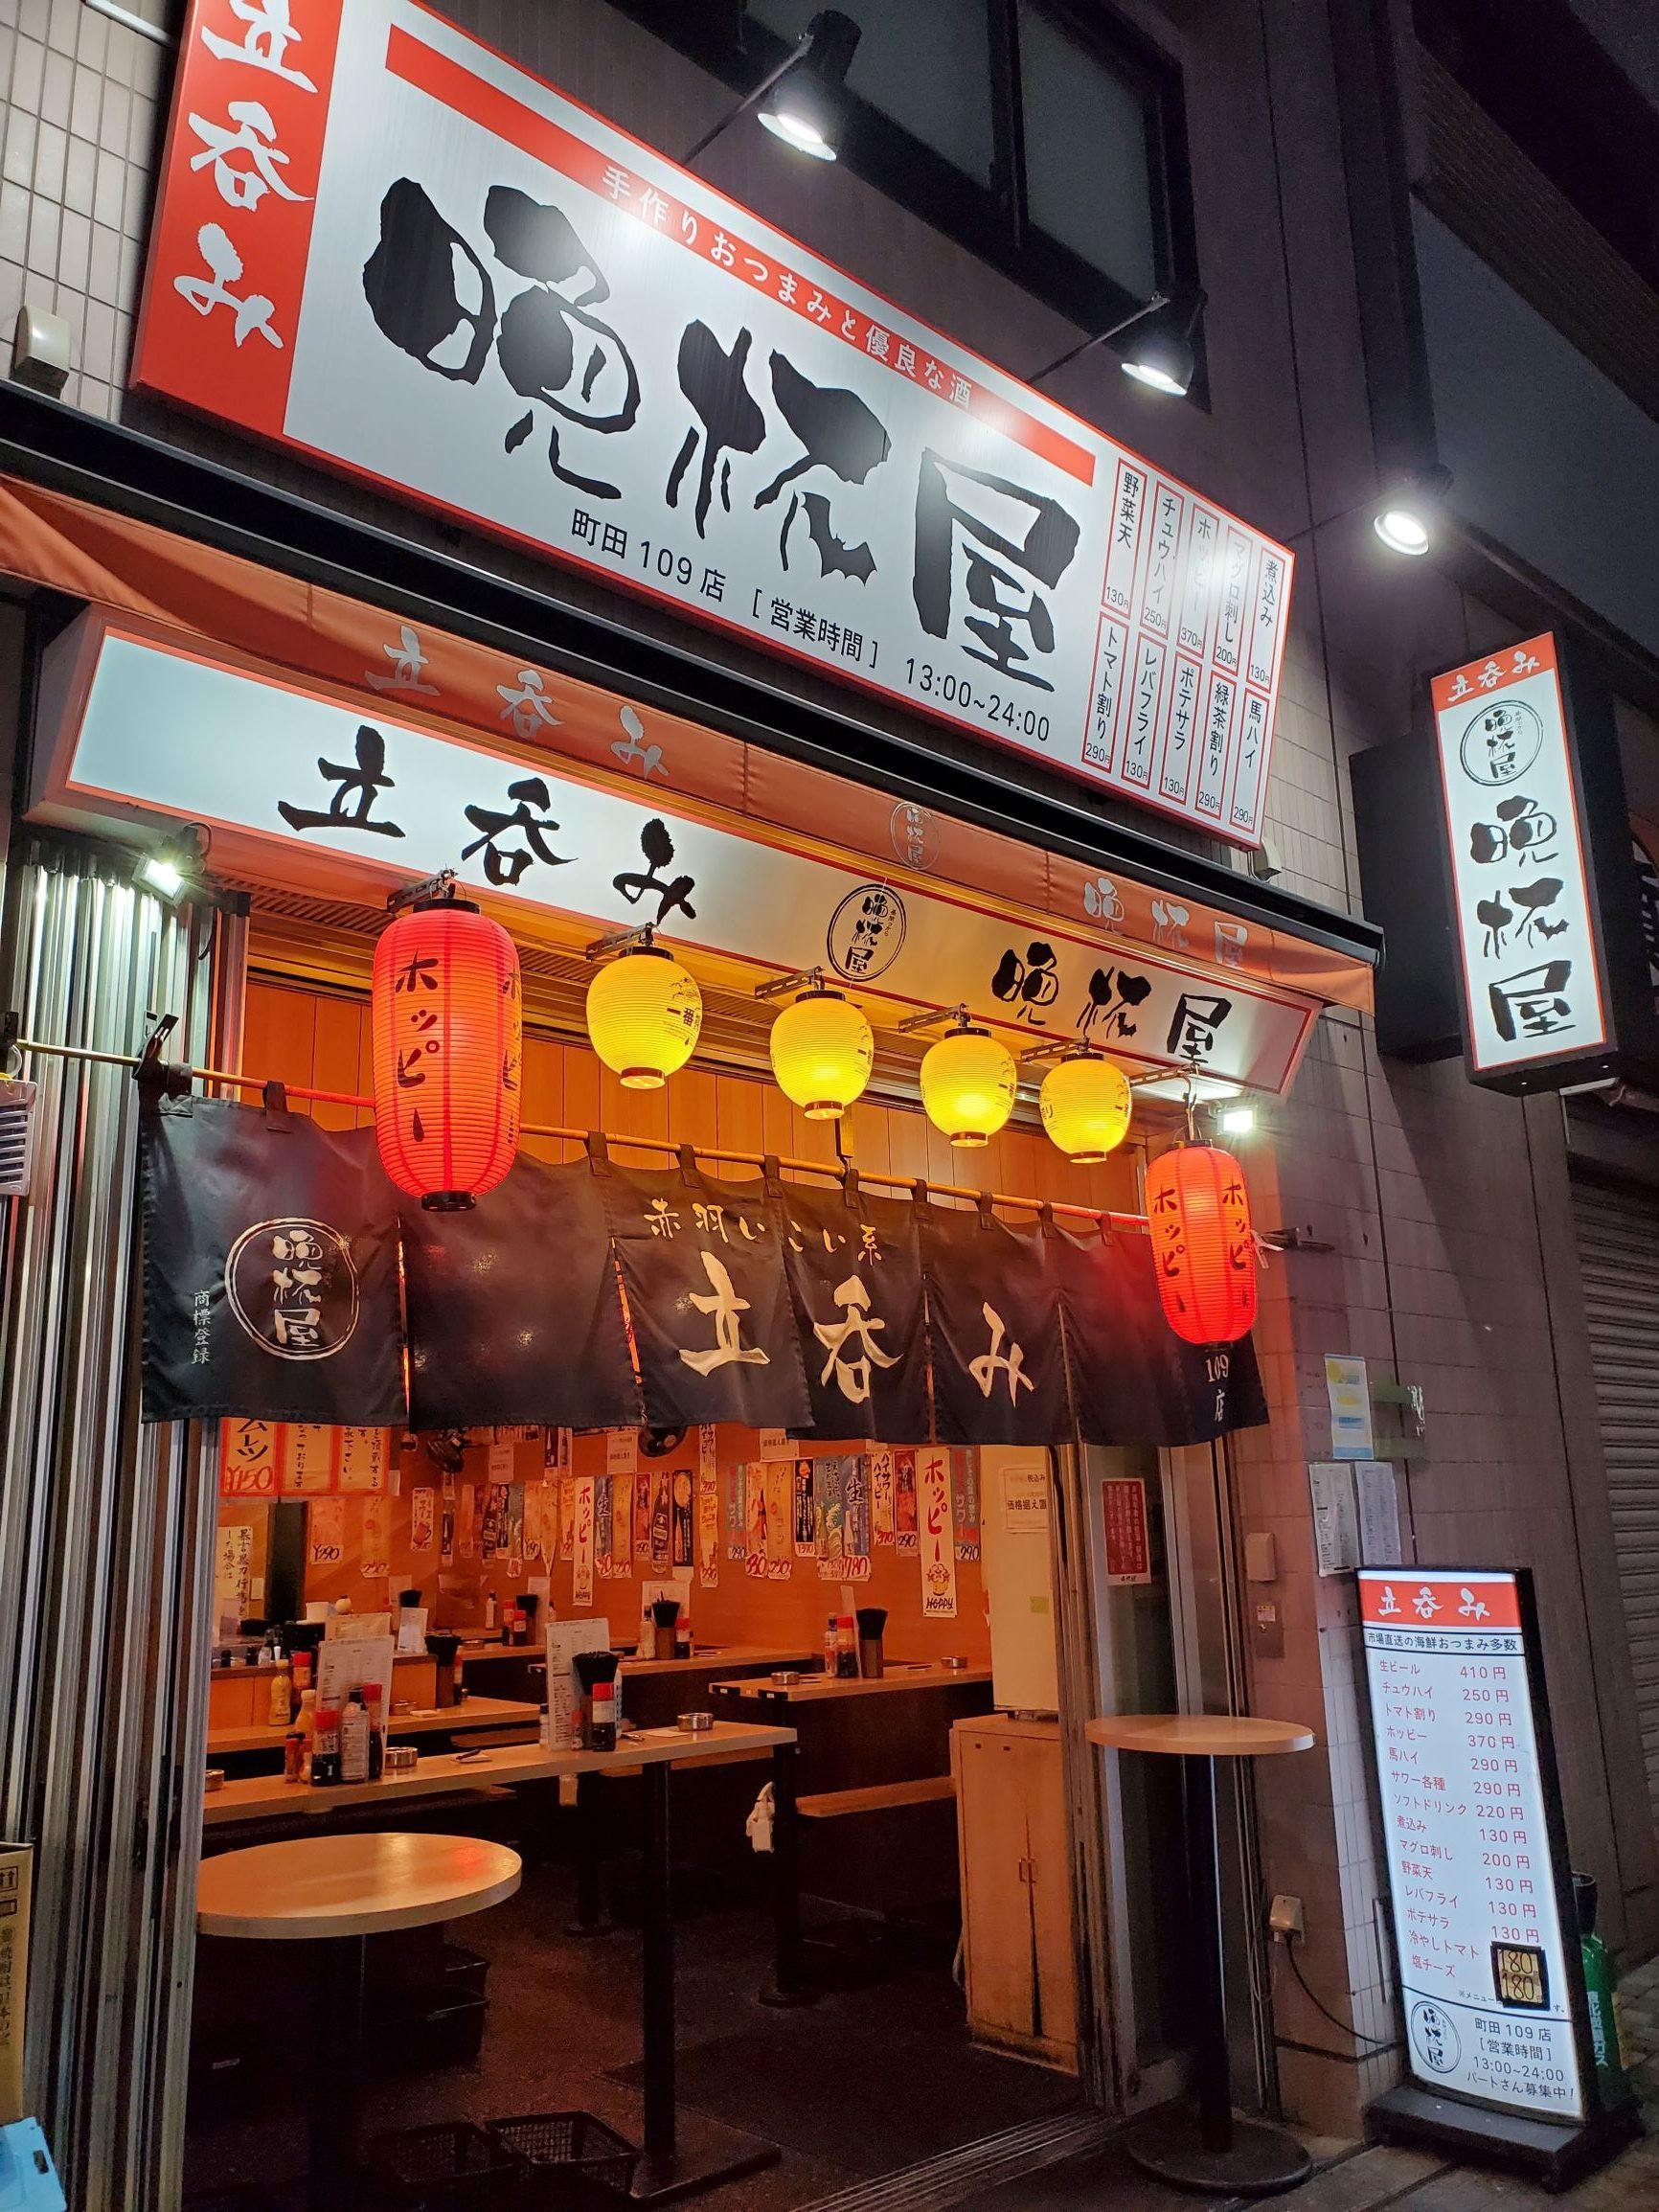 立呑み晩杯屋 町田109店